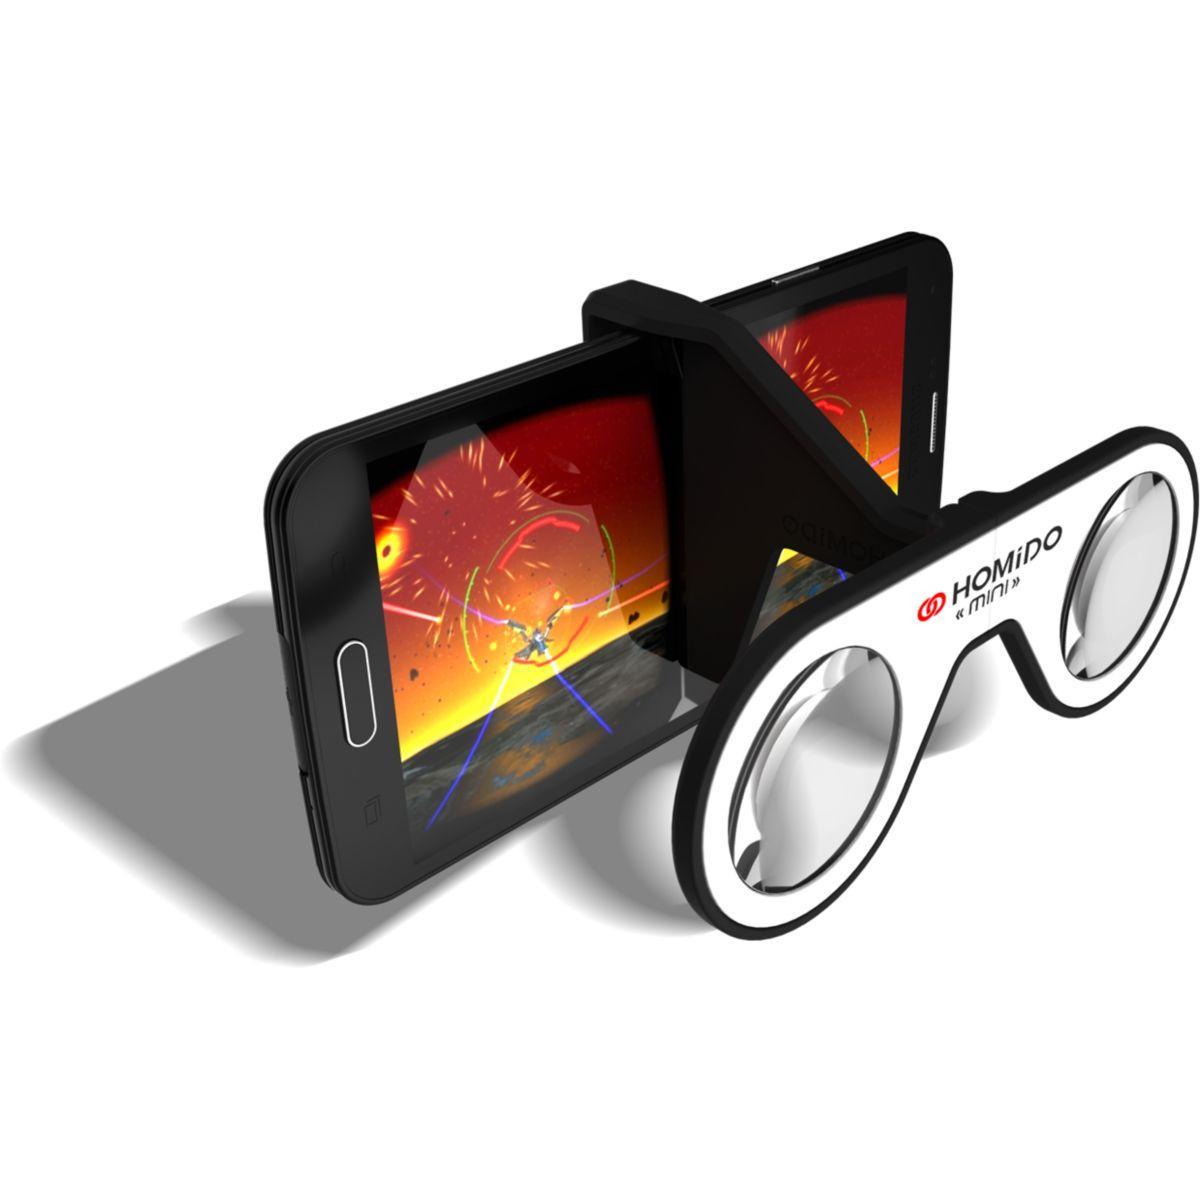 Casque de réalité virtuelle pour smartphone homido mini - 2% de remise immédiate avec le code : cool2 (photo)